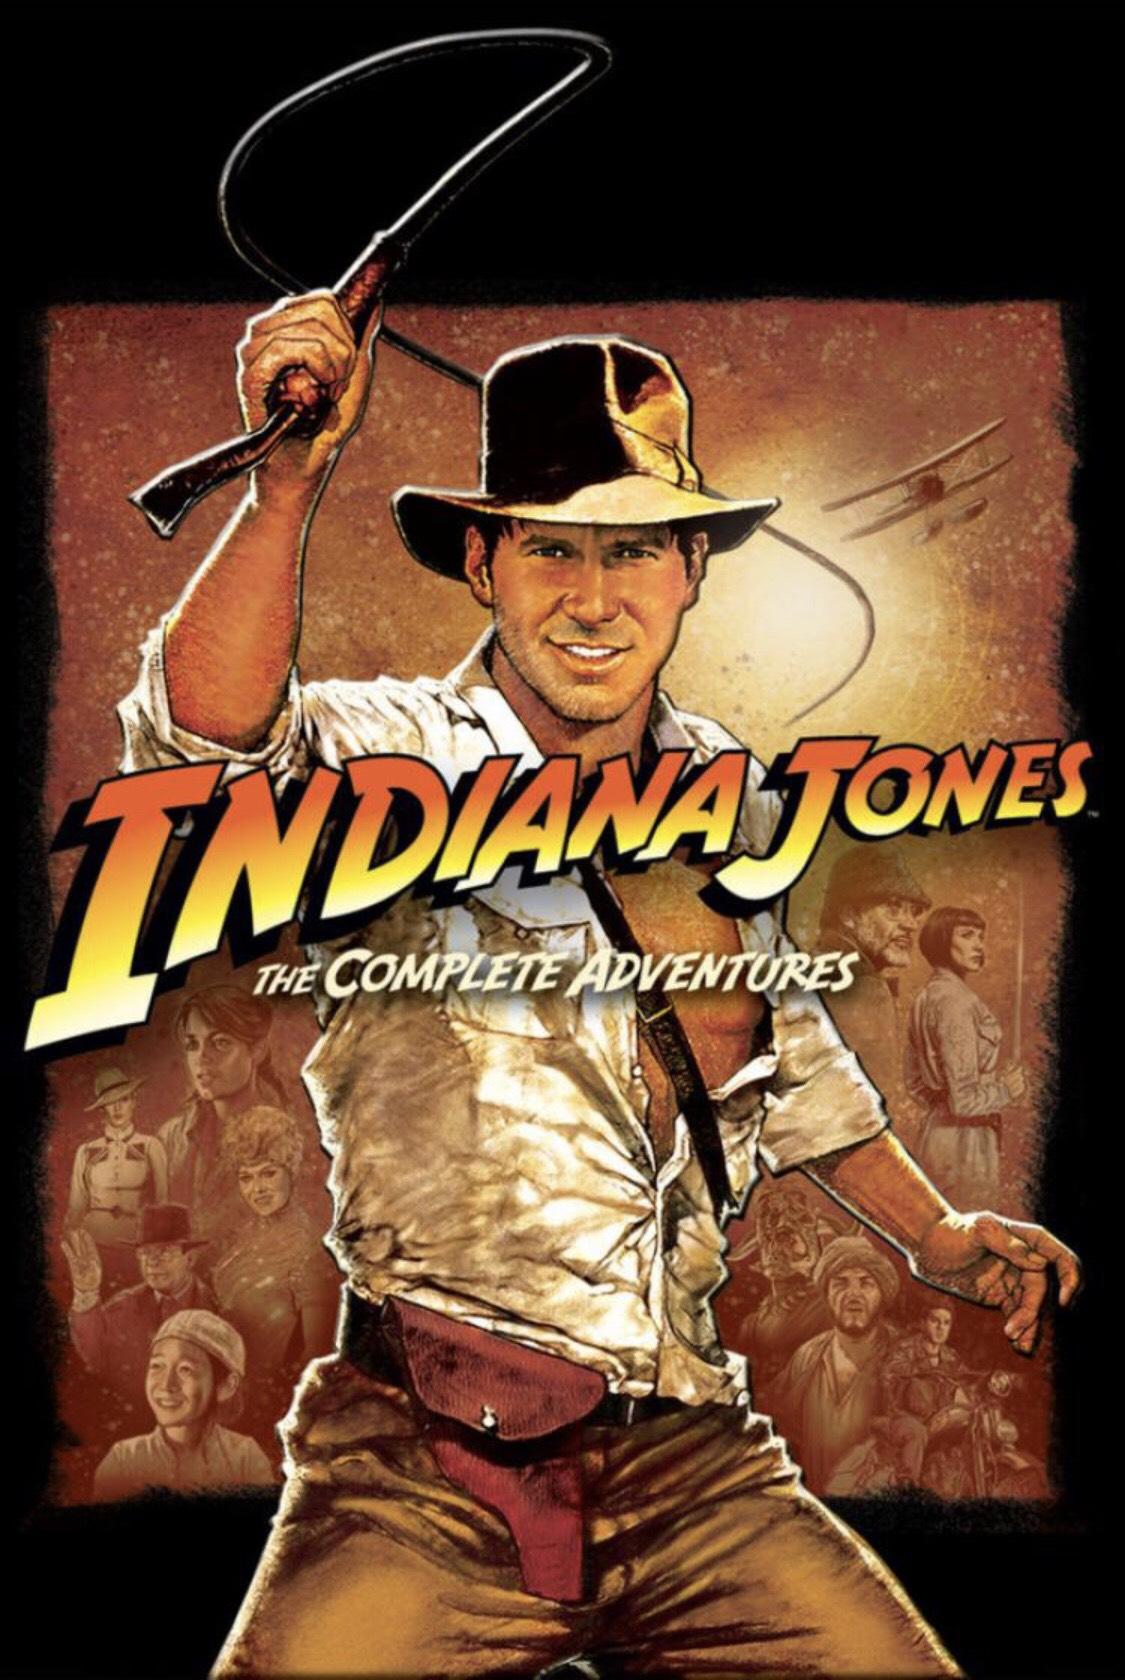 Indiana Jones - The Complete Adventures (4 film bundle) £19.96 on iTunes